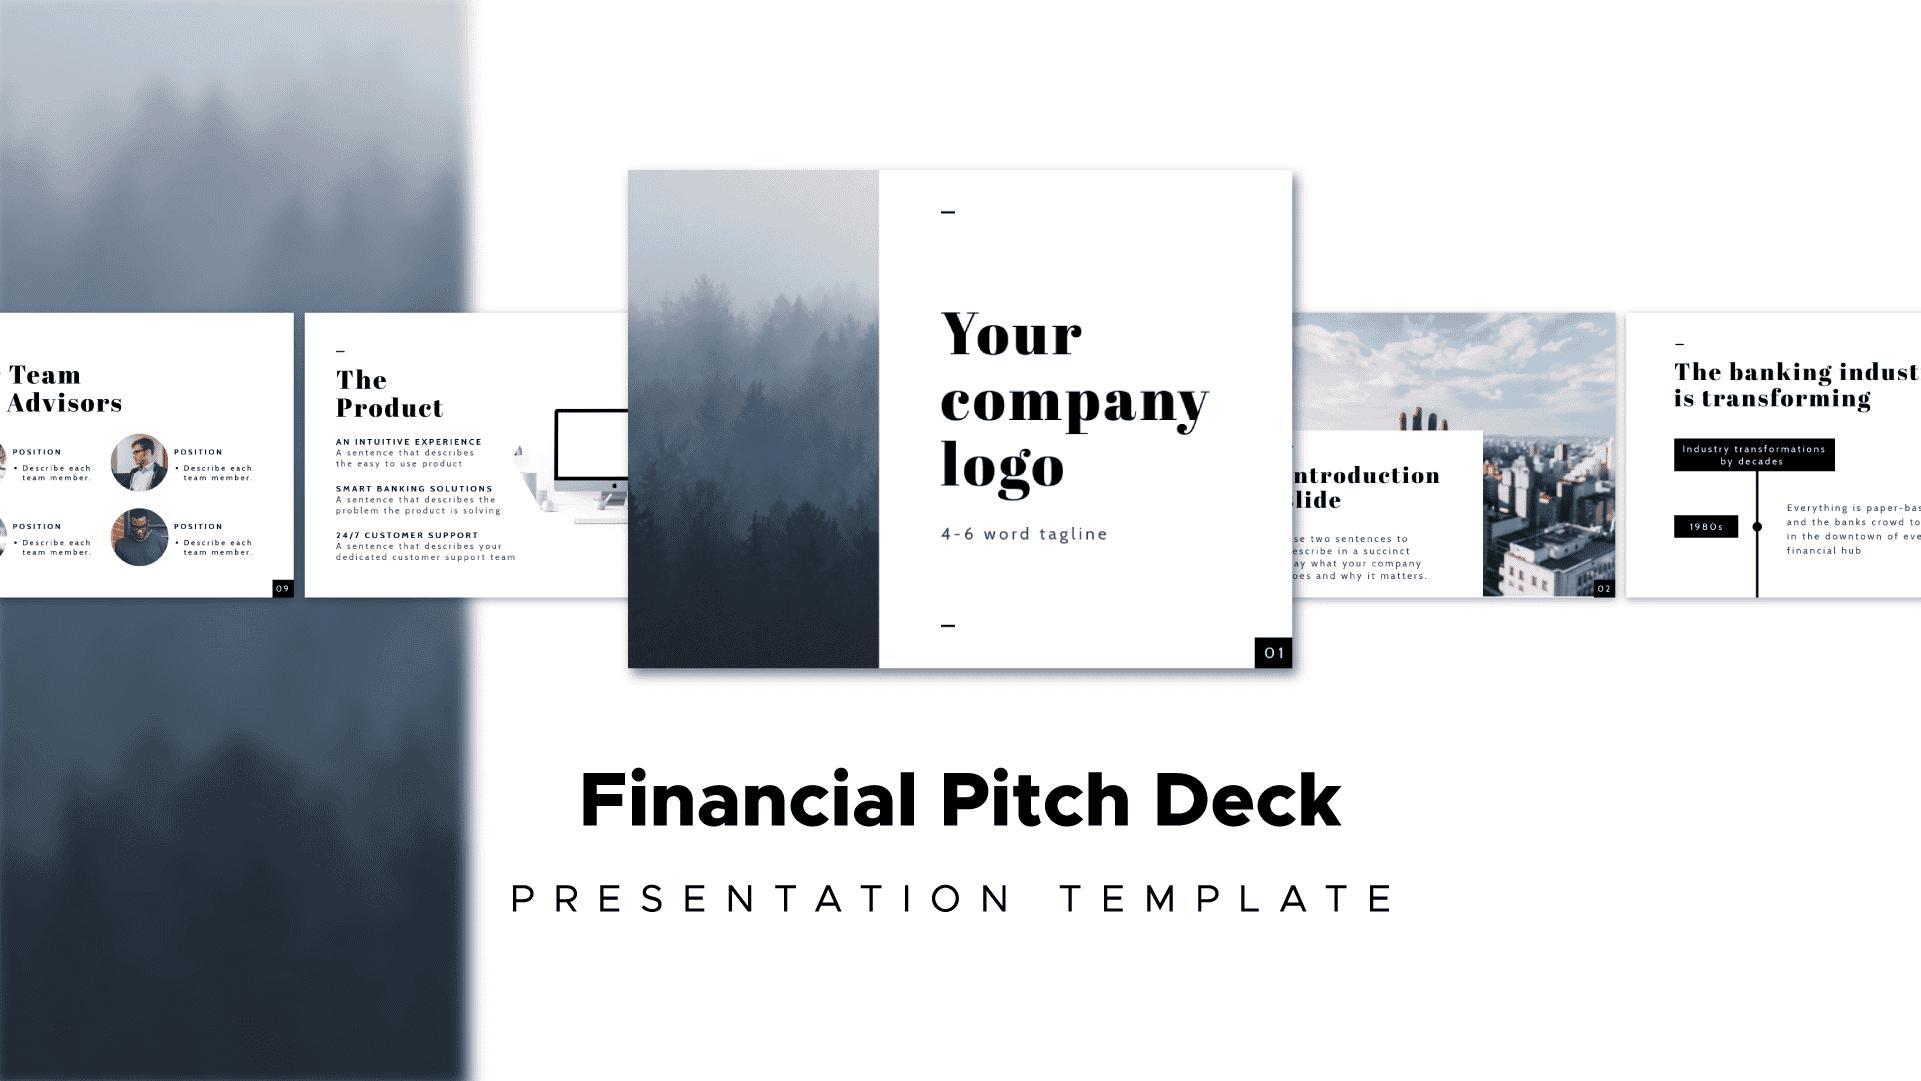 financial pitch deck, presentation template, Piktochart